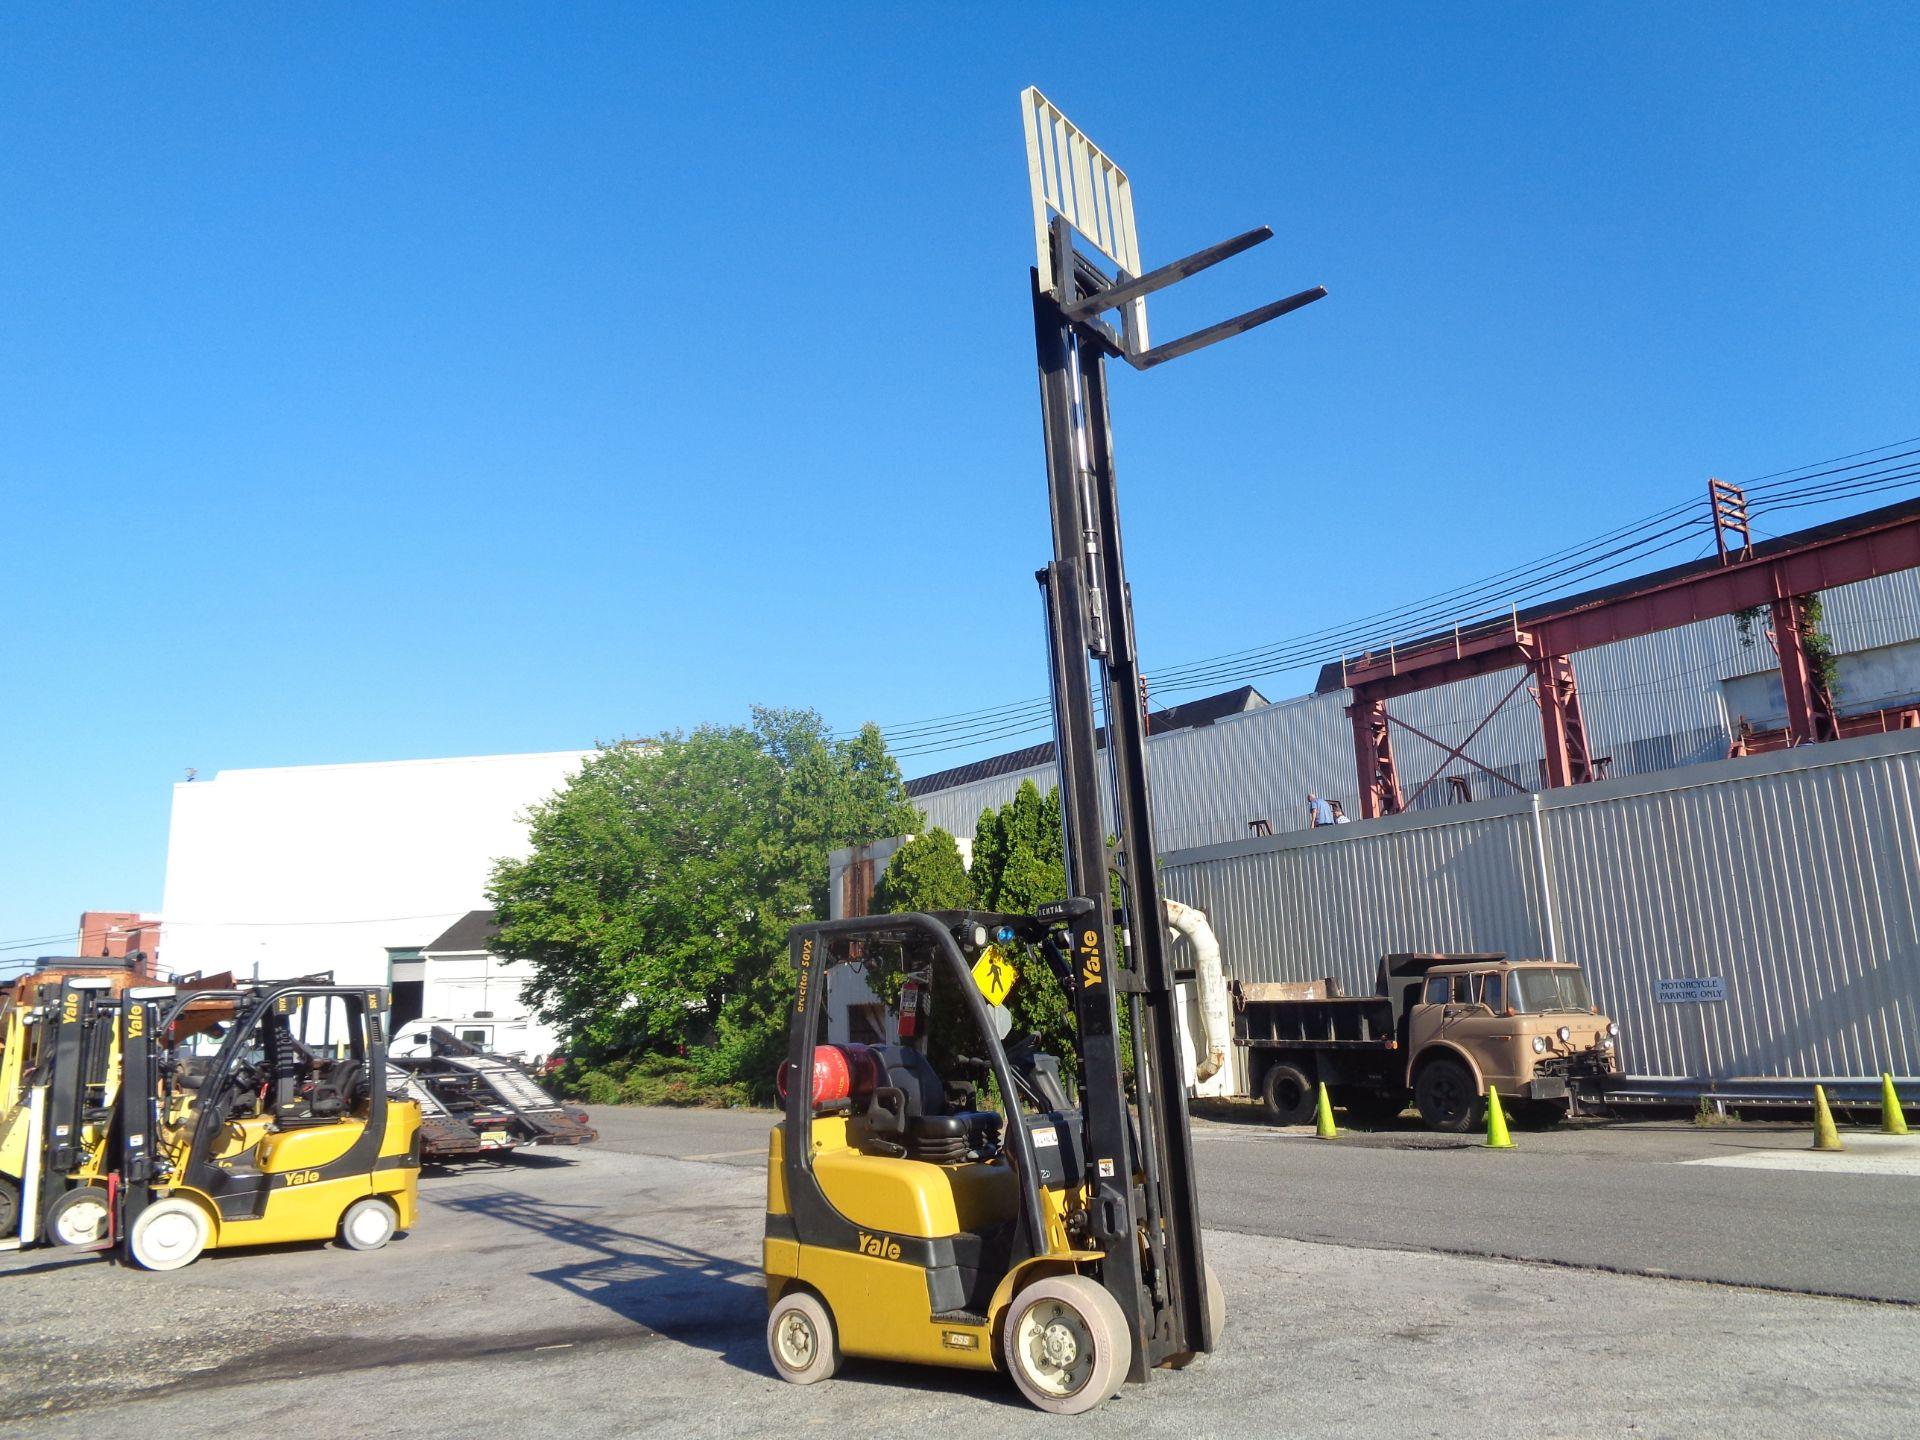 2014 Yale GLC050VXNVRE088 5,000 lb Forklift - Image 10 of 11